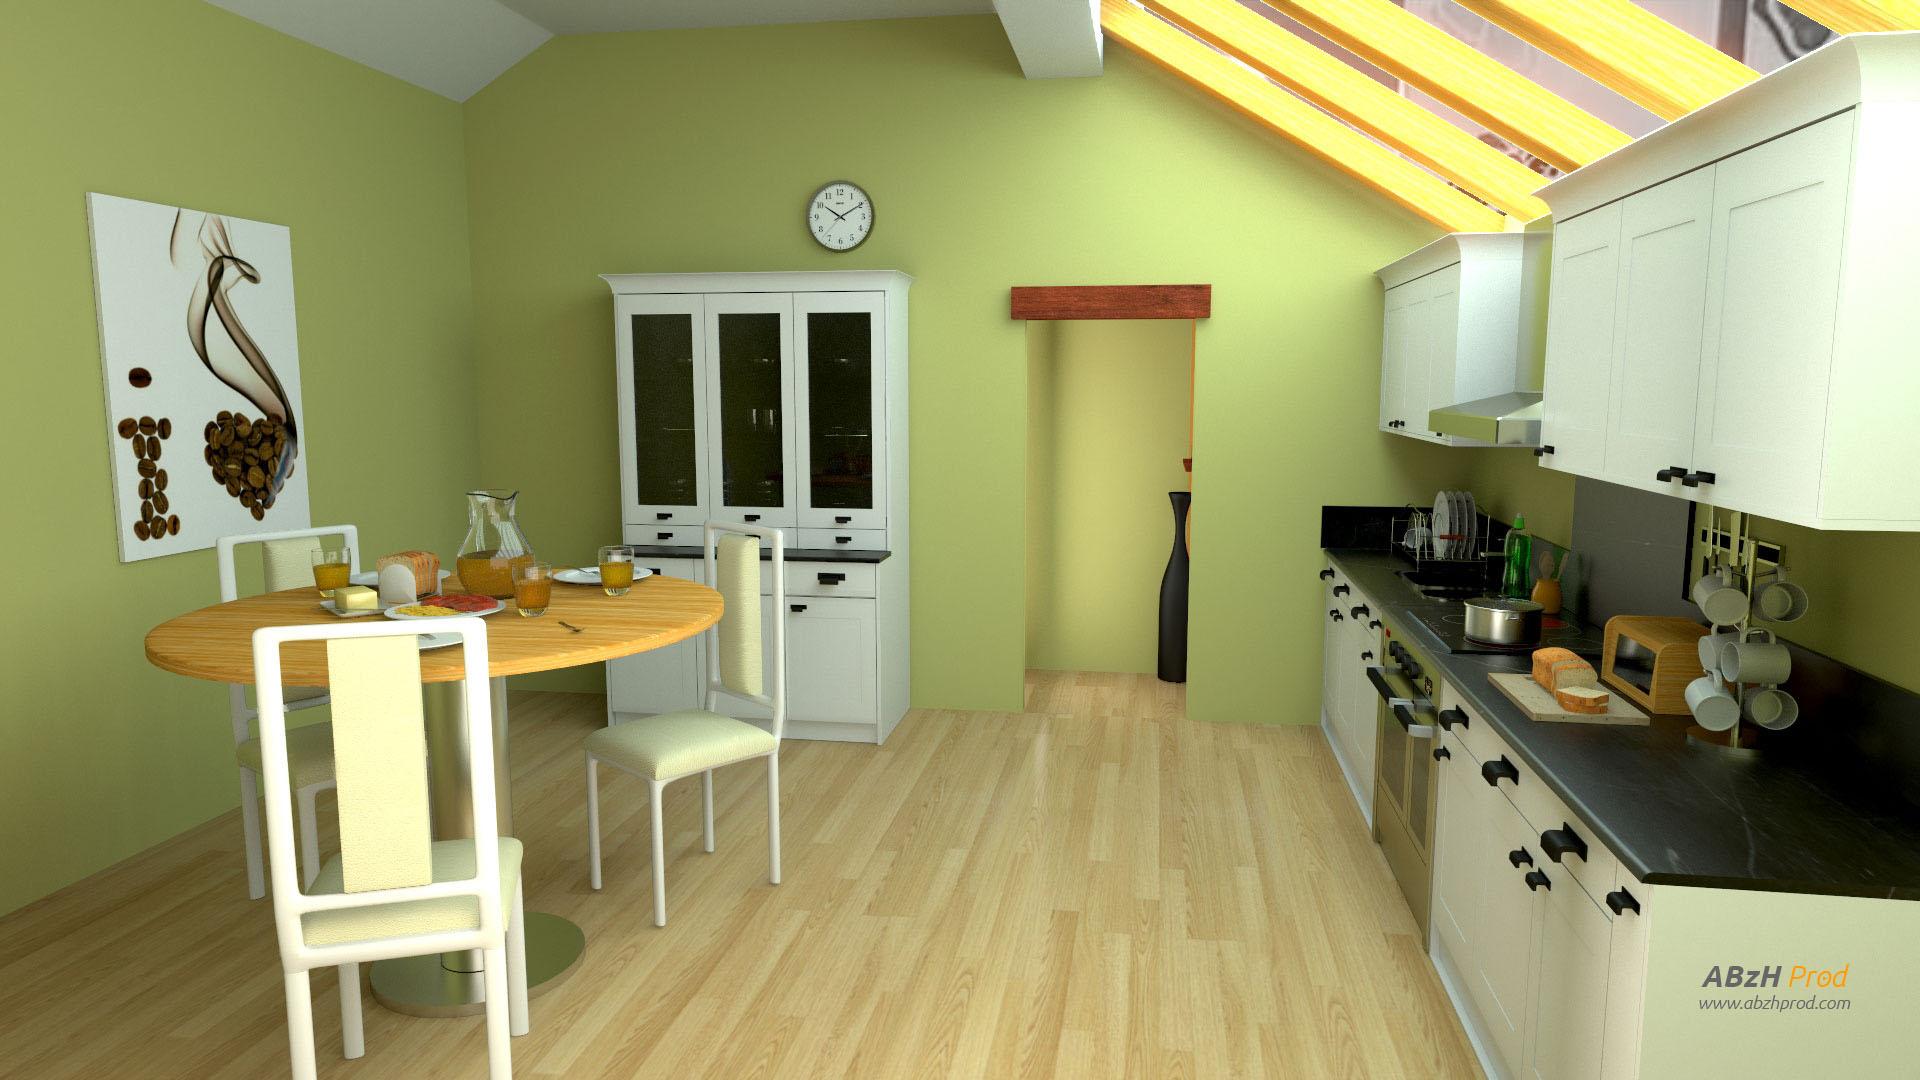 Mod lisation et animation 3d d 39 une cuisine tutorial for Modelisation cuisine 3d